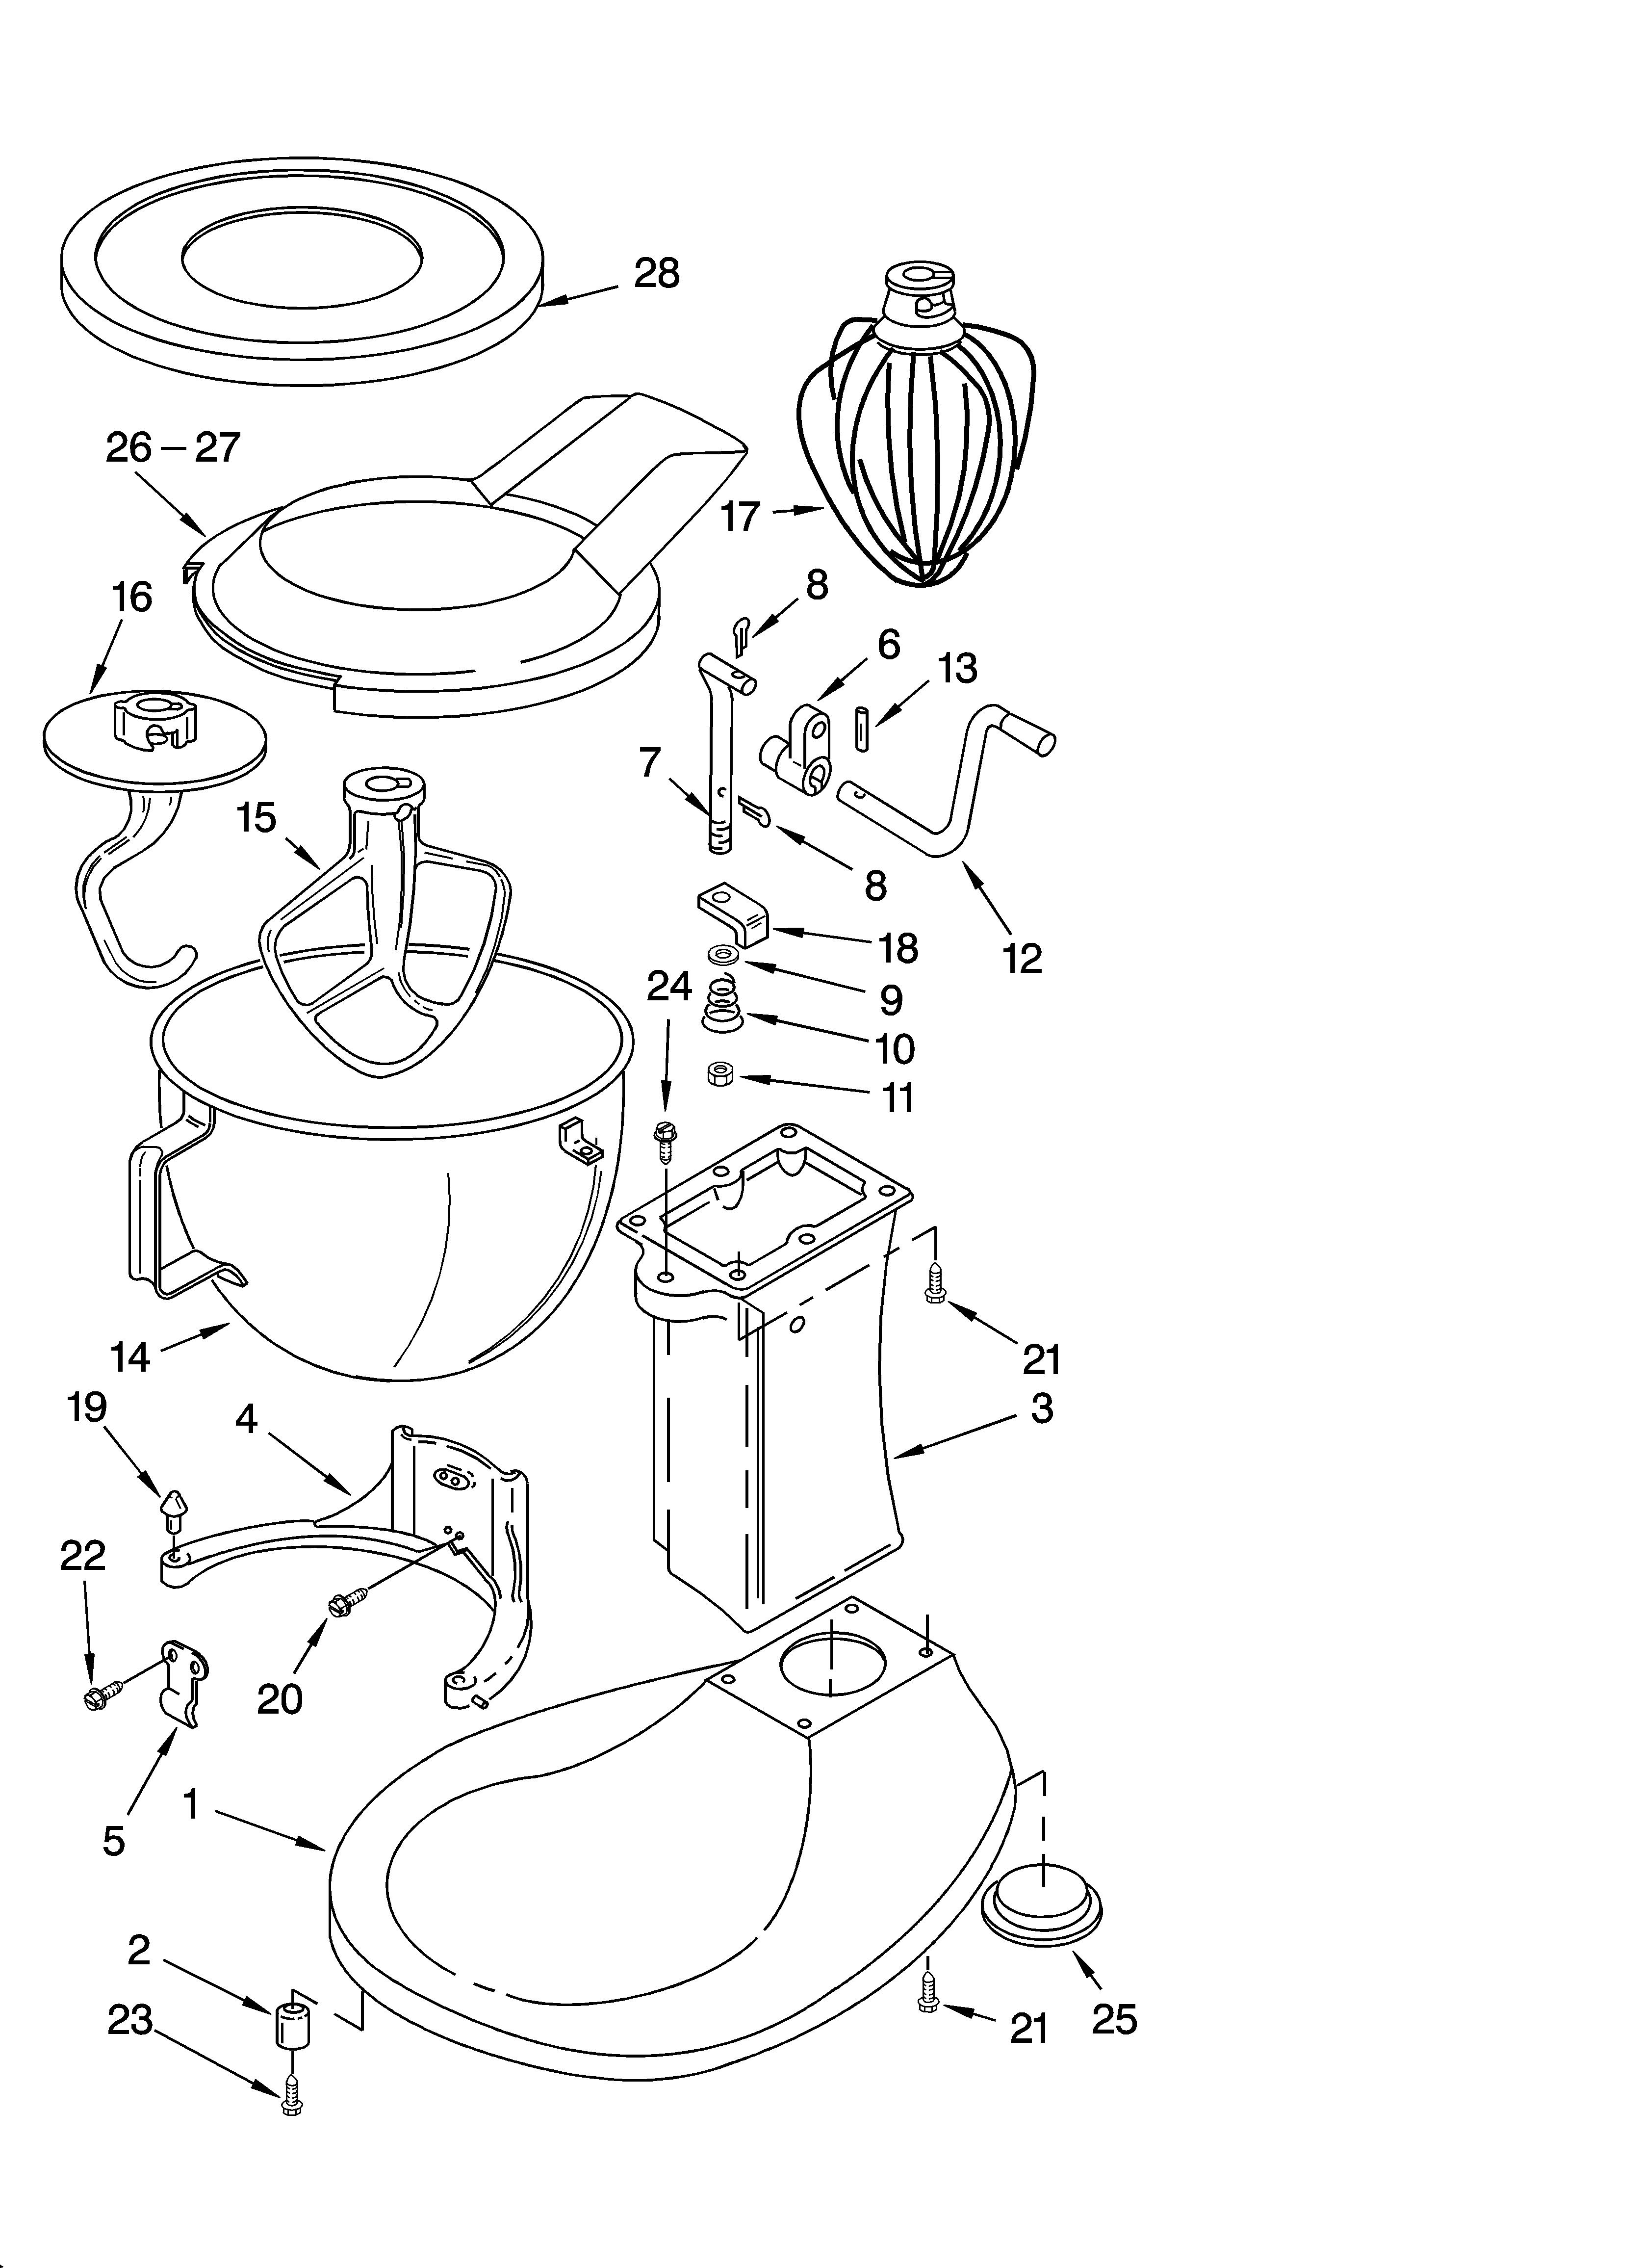 base and pedestal unit diagram parts list for model k5ss kitchenaid parts mixer  [ 3348 x 4623 Pixel ]